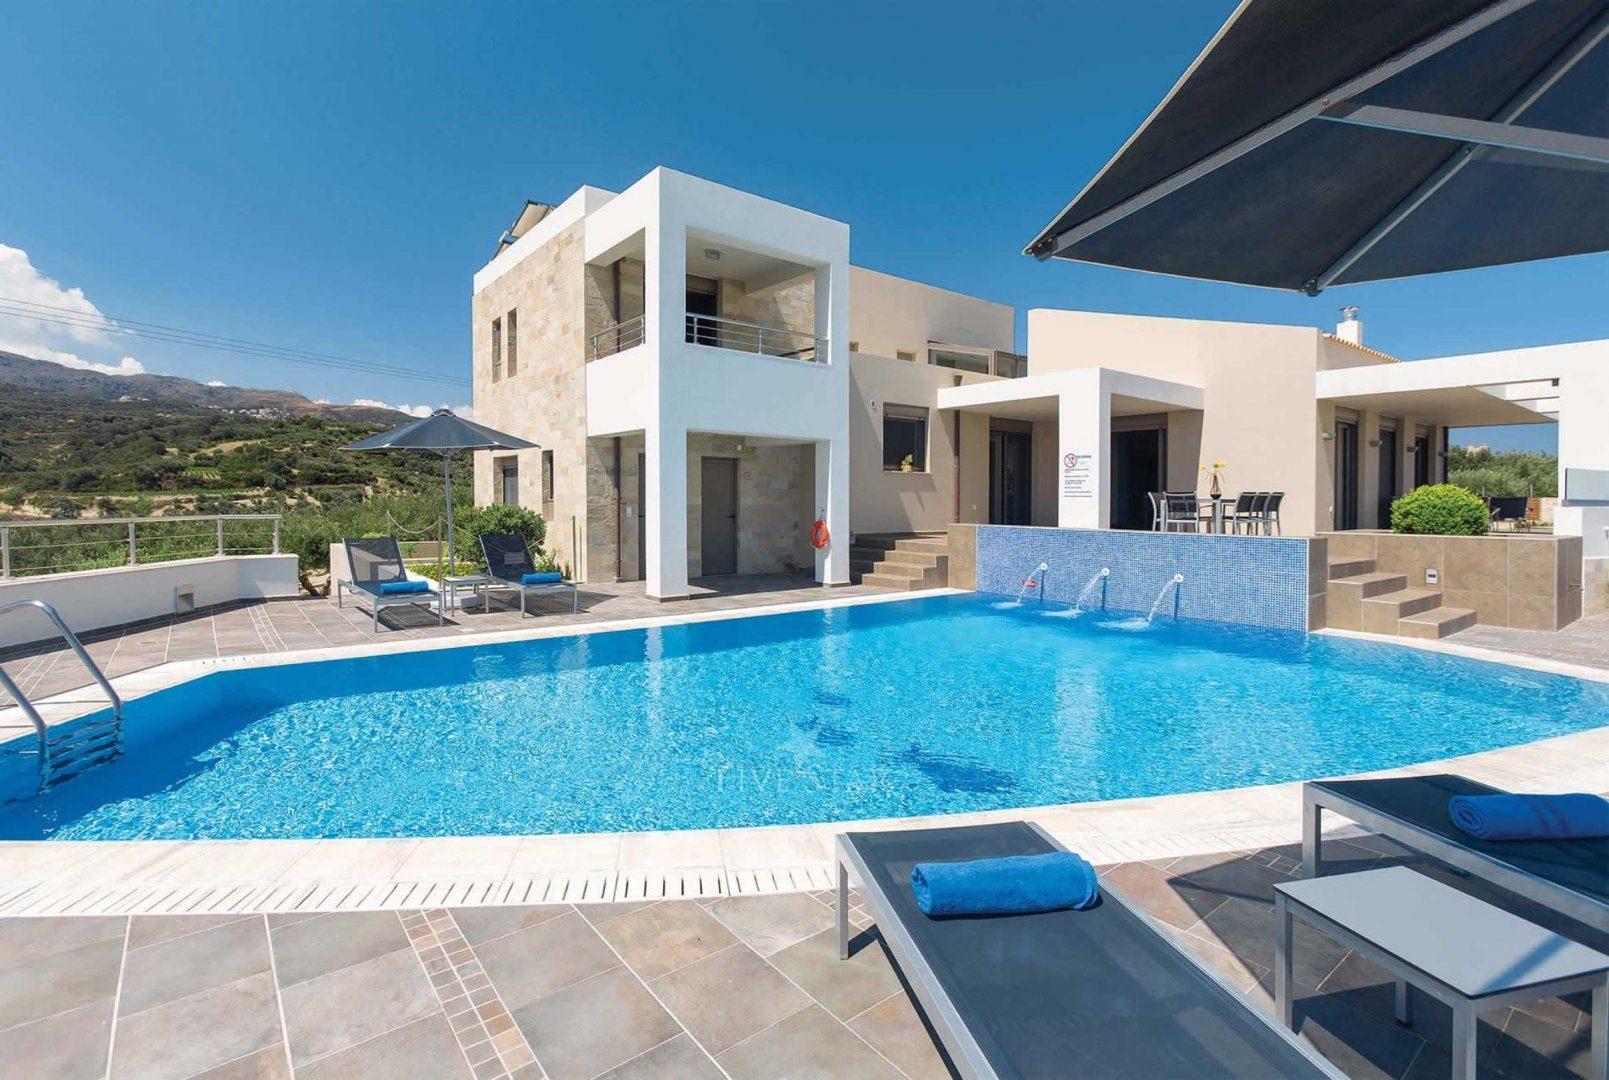 Domus domitia luxury retreats